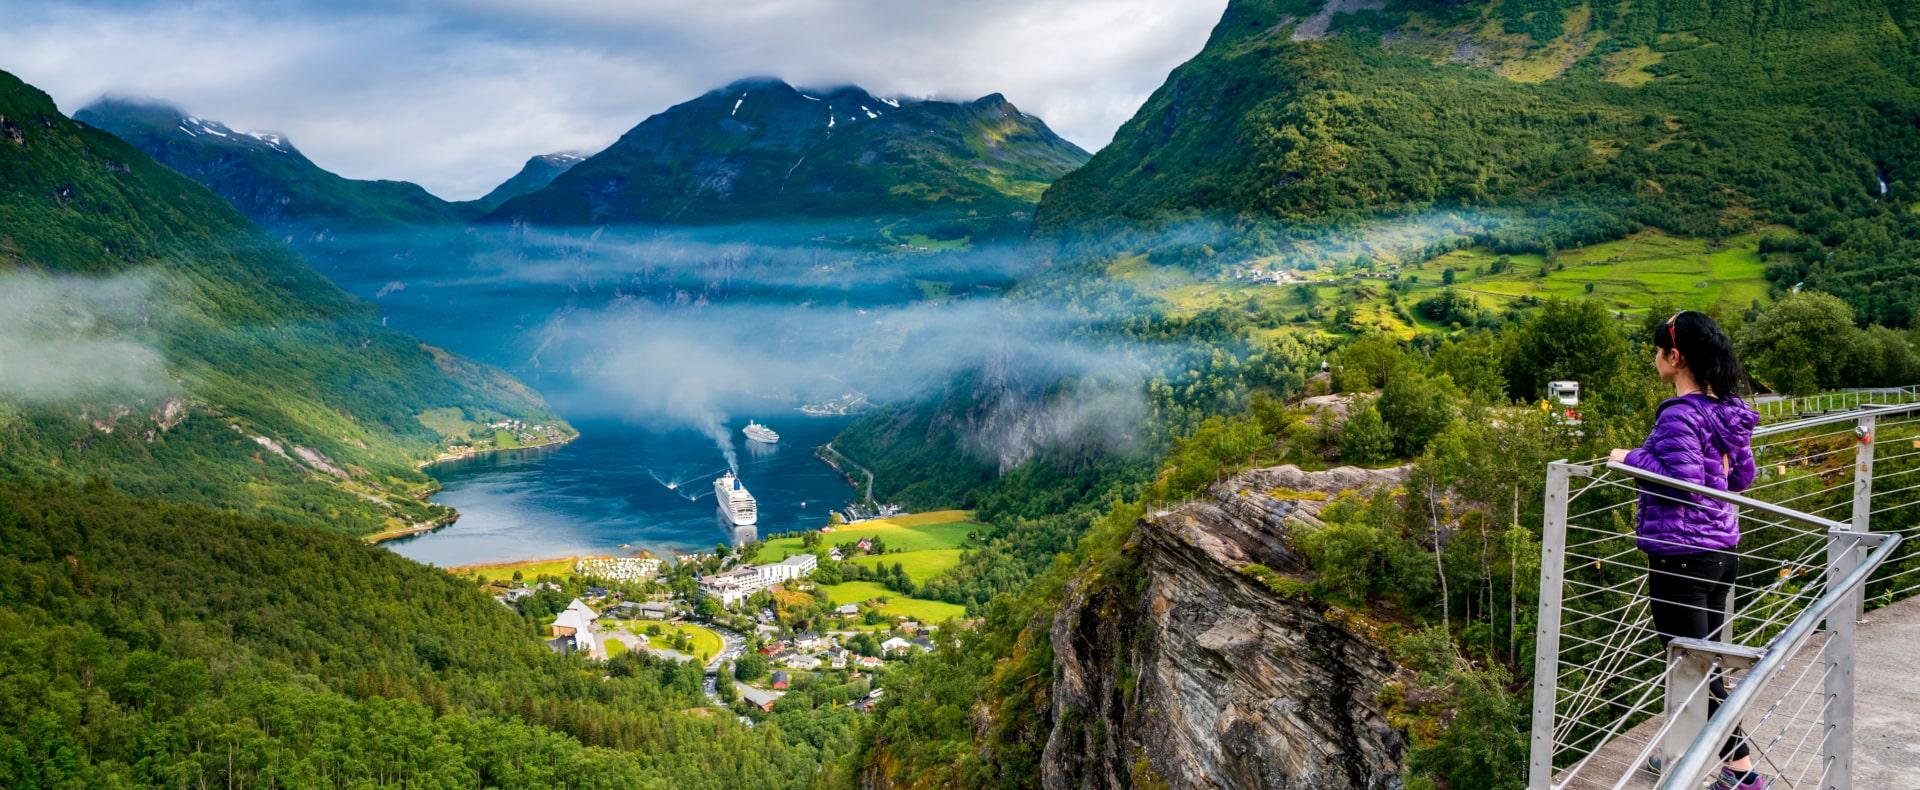 Geirangerfjord village, Norway